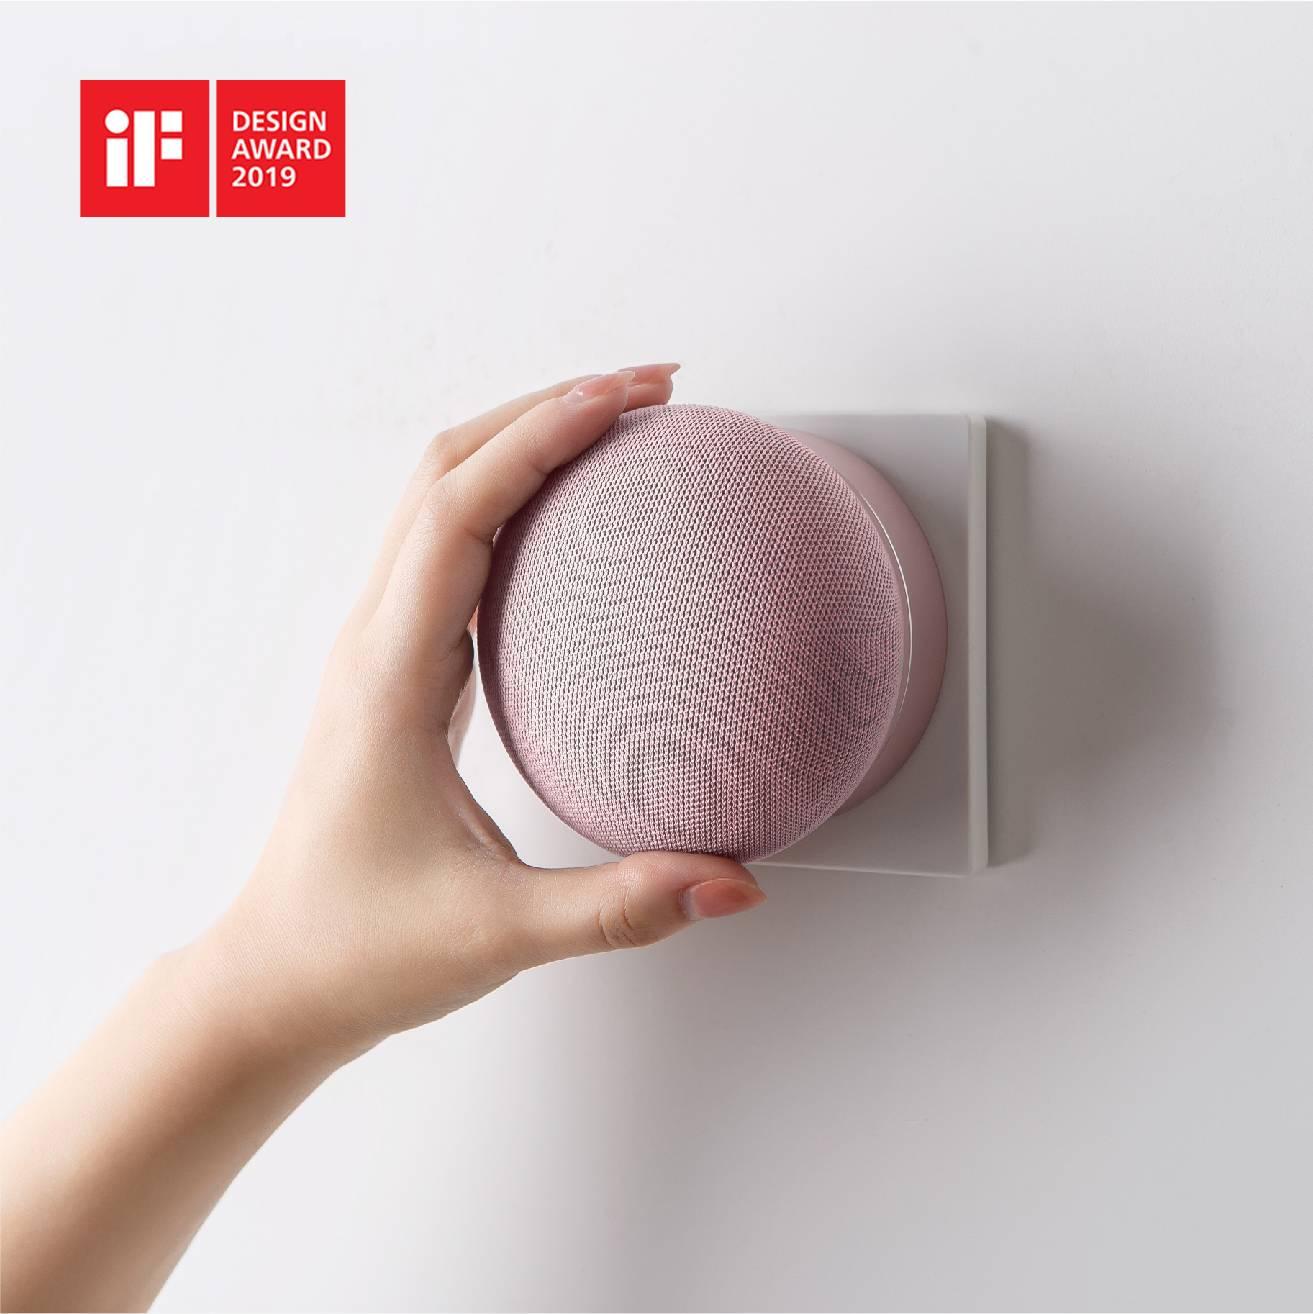 为时尚家居品牌NOME设计助眠产品Moon Speaker